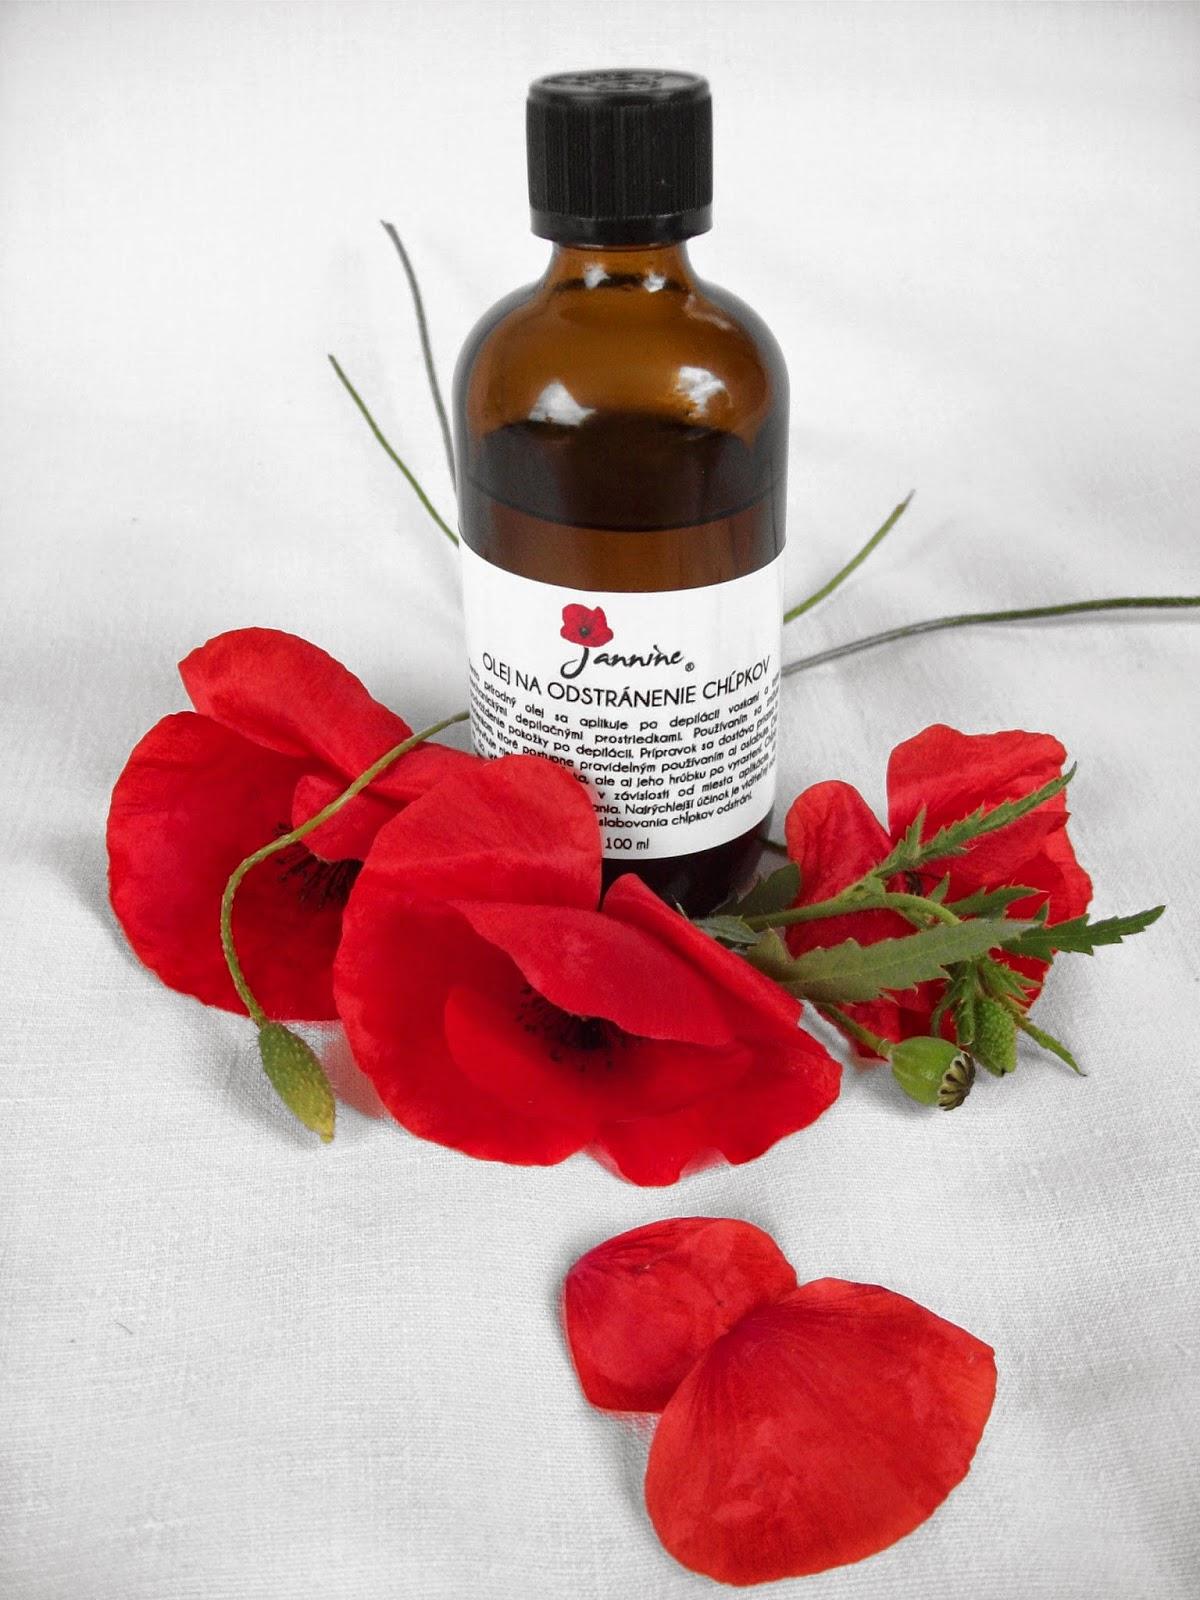 Typická lekárenská fľaštička s bezpečnostným uzáverom, vkusnou etiketou s návodom na použitie a pekným logom značky Jannine uchováva prírodný olej dobre chránený pred vzduchom i svetlom.